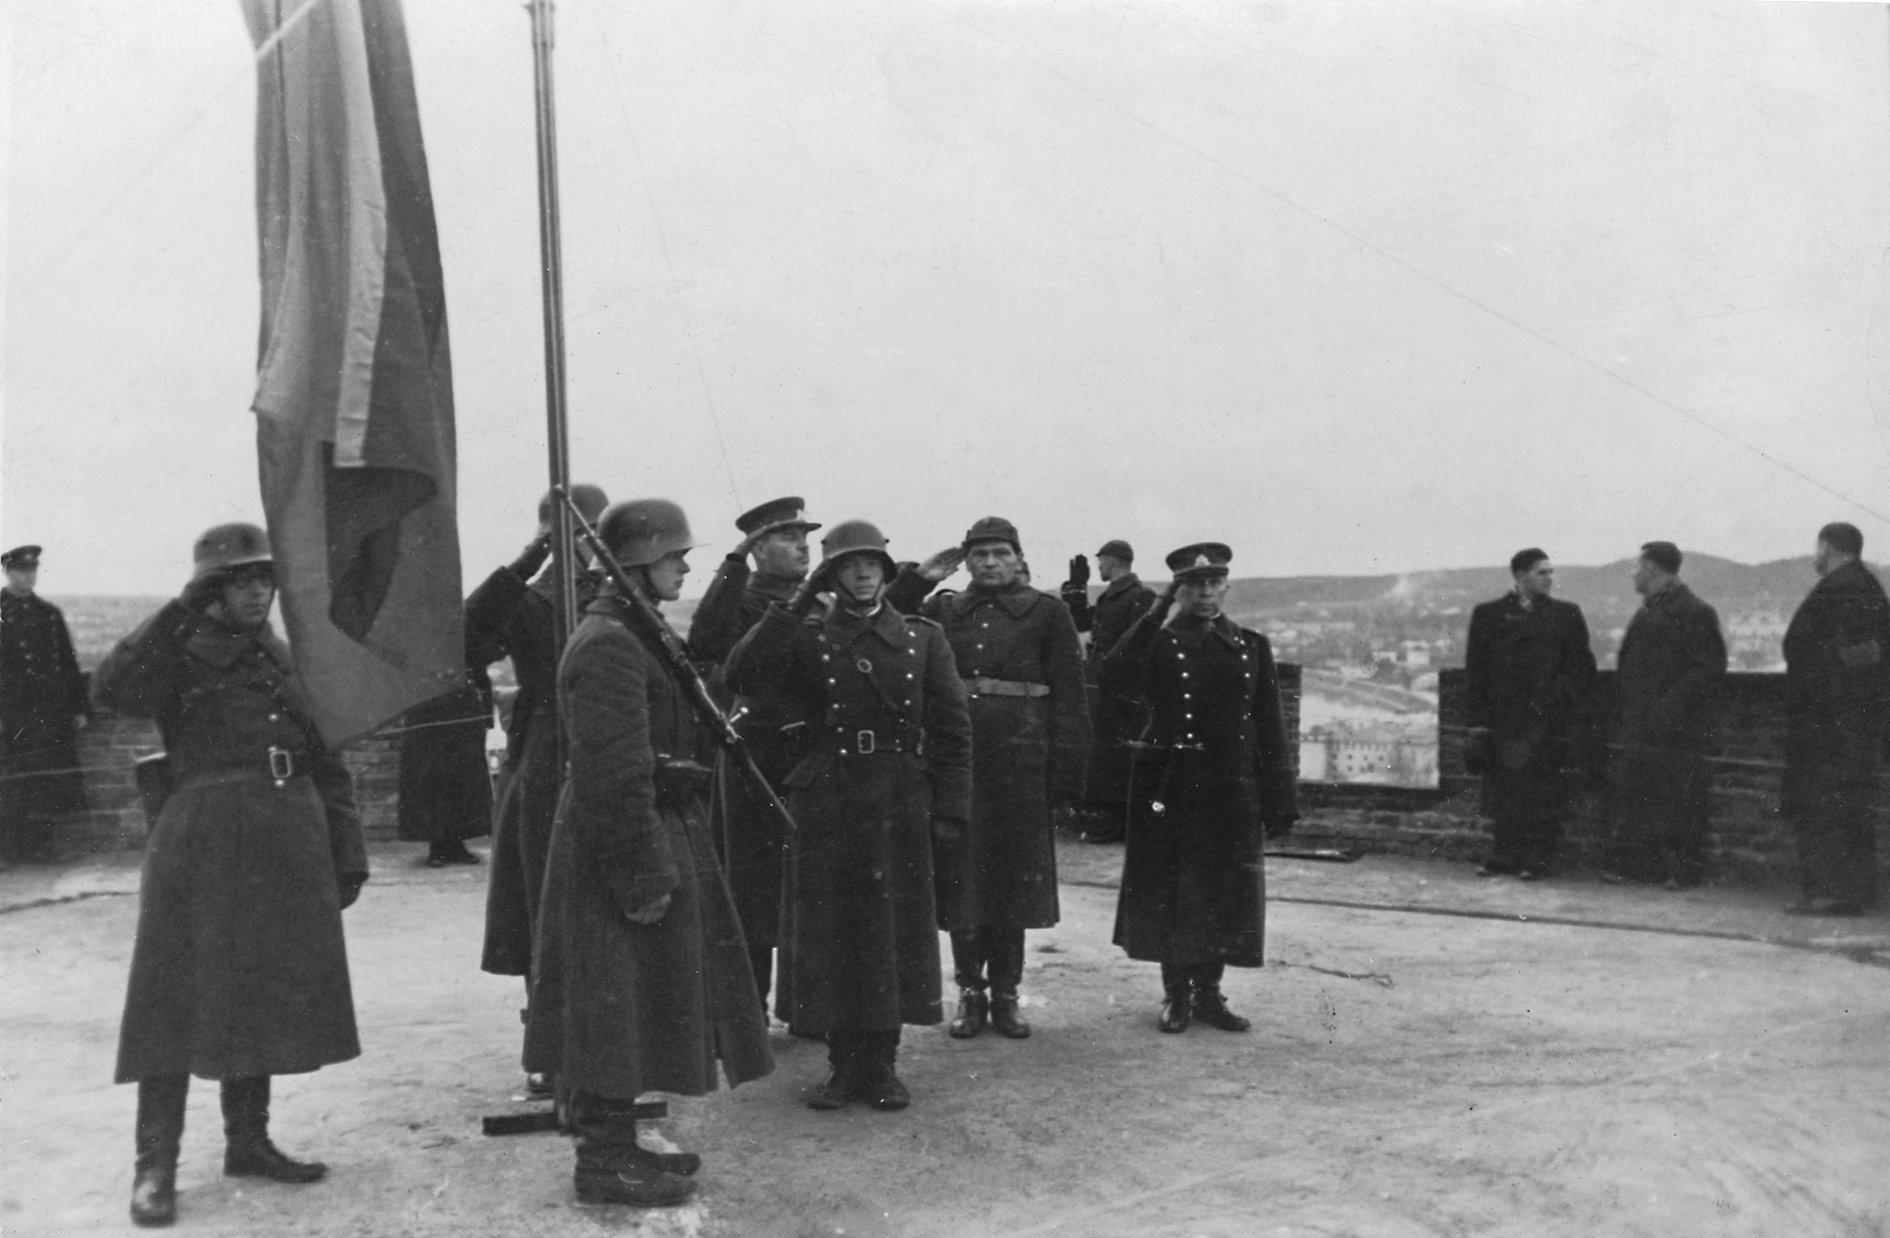 Istorija kitaip: Vinco pasikalbėjimai su Jonu apie lietuviškos trispalvės istoriją Gedimino bokšte